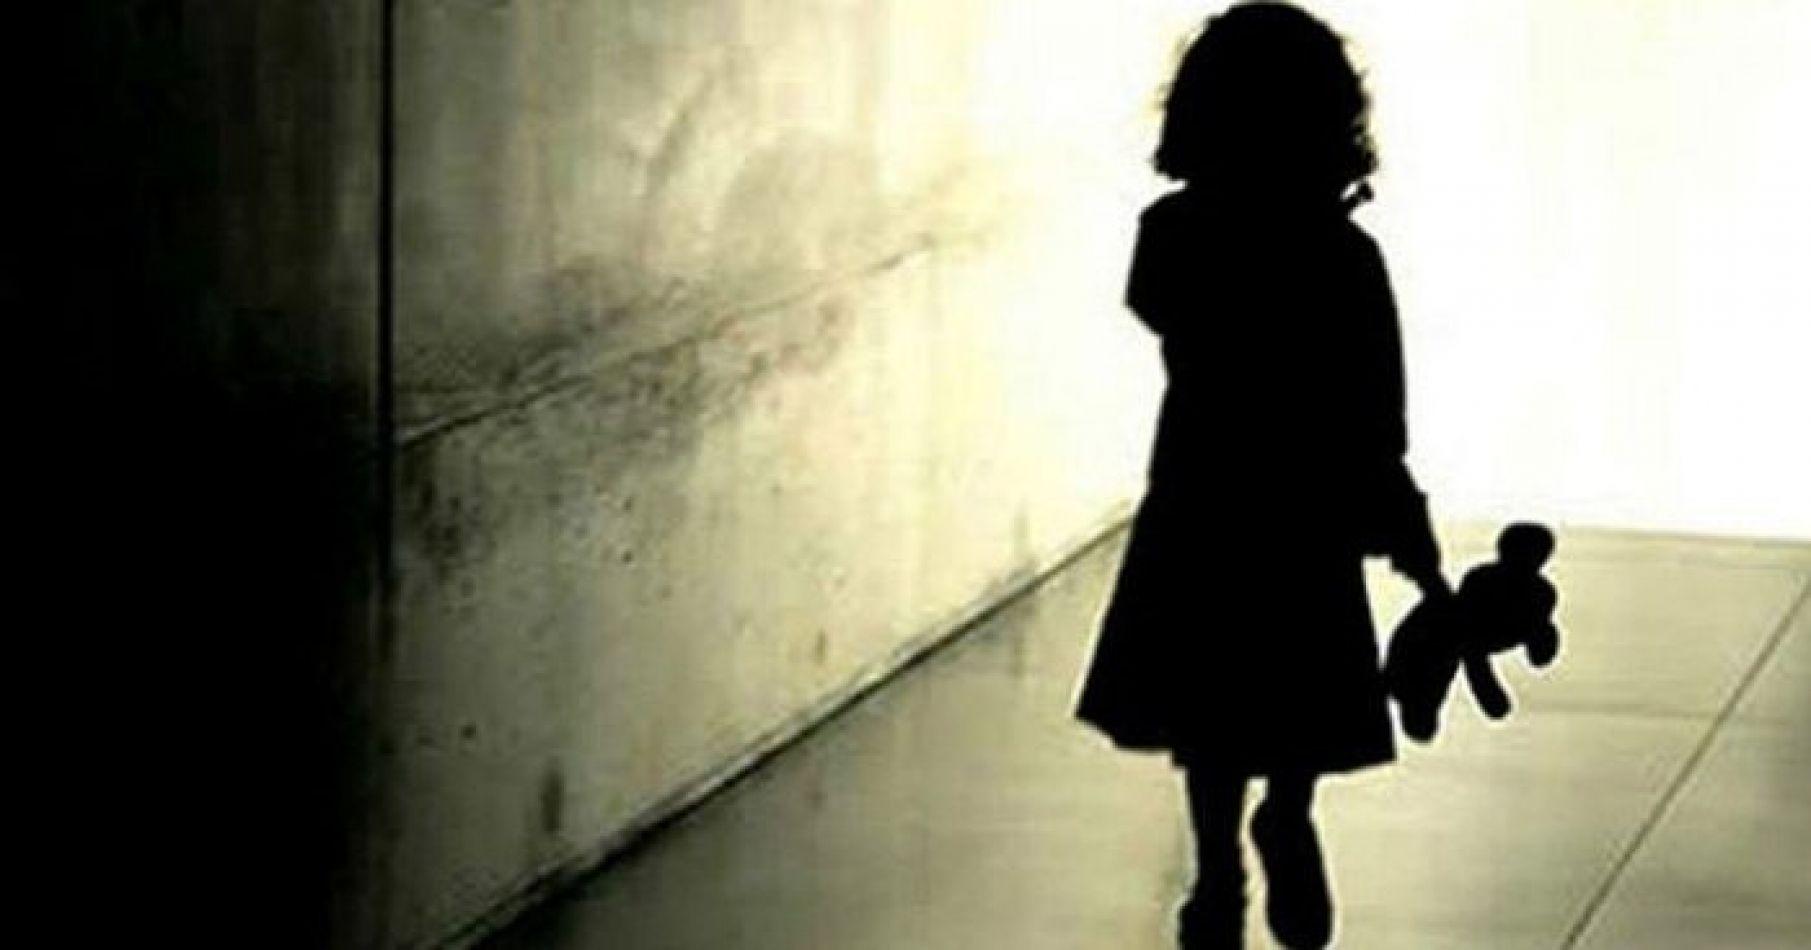 Supuesto caso de abuso sexual entre menores: la Brigada secuestró grabaciones de cámaras de seguridad